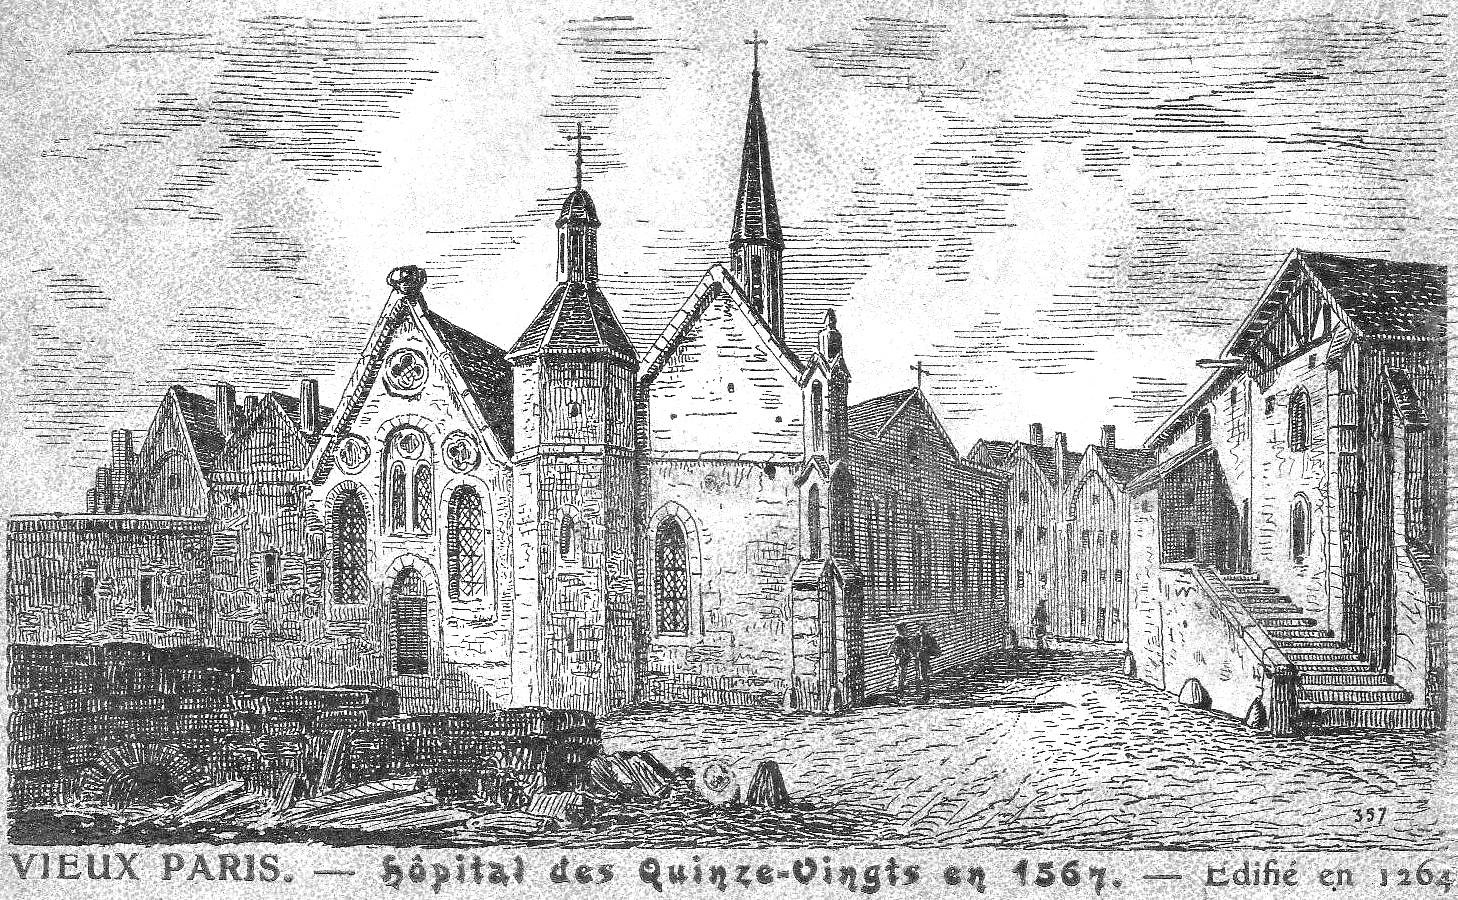 File:Hopital des Quinze-Vingt 1567 Paris.jpg